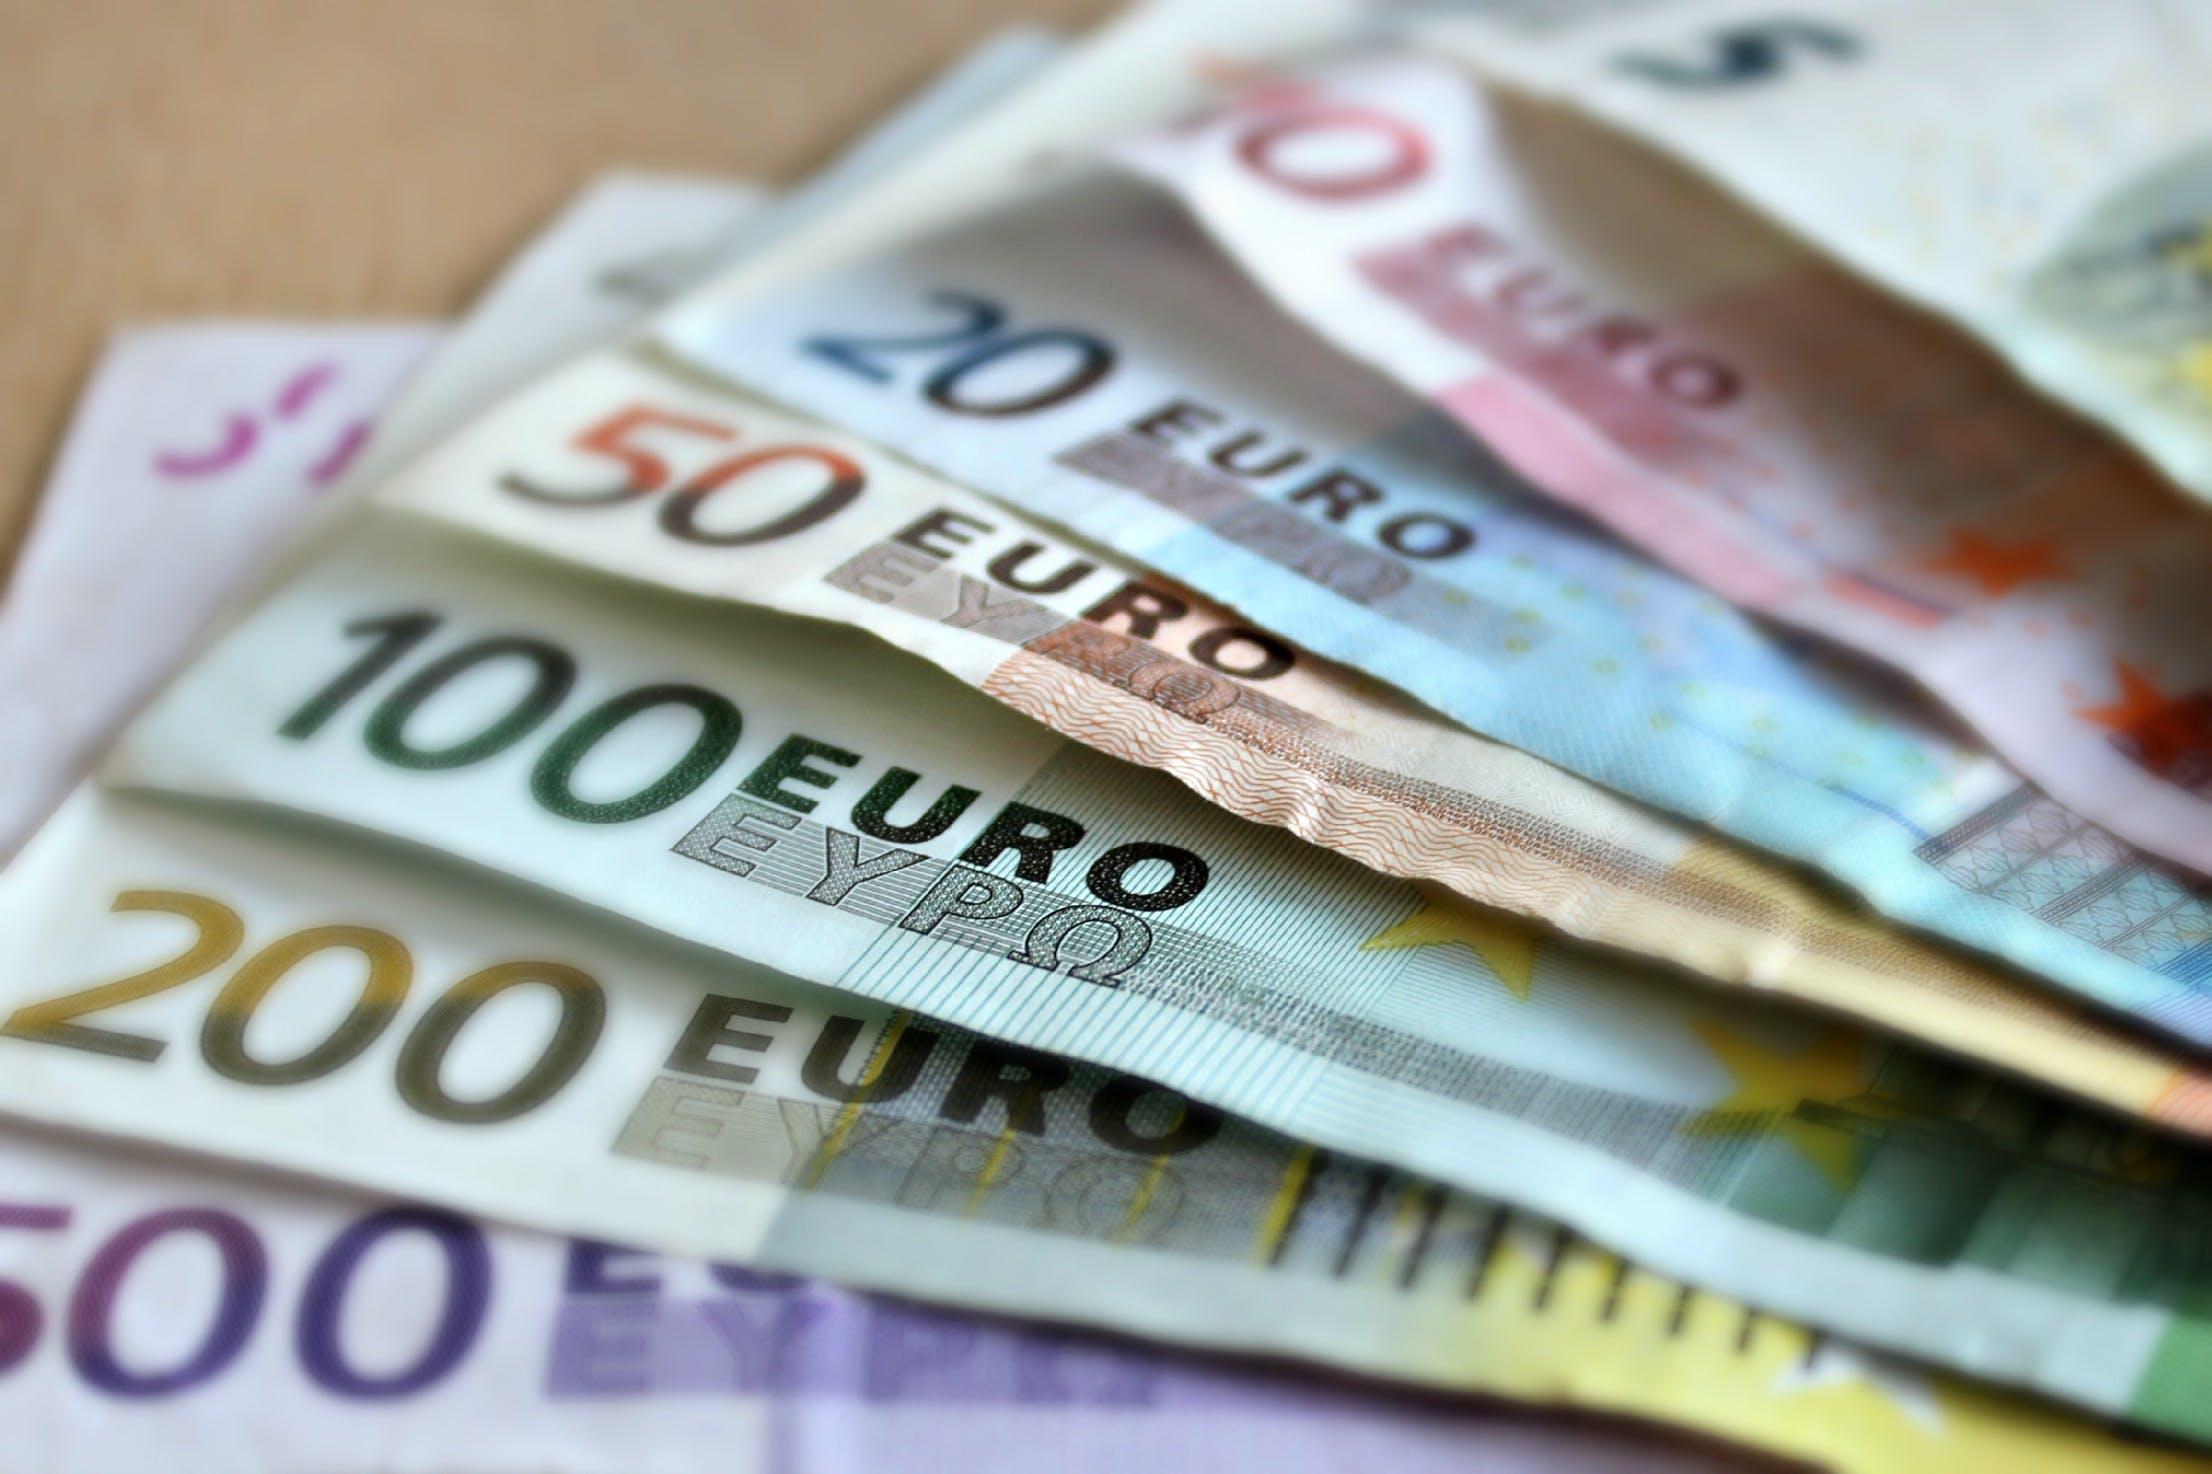 Kostnadsfri bild av euro, finans, kontanter, lön